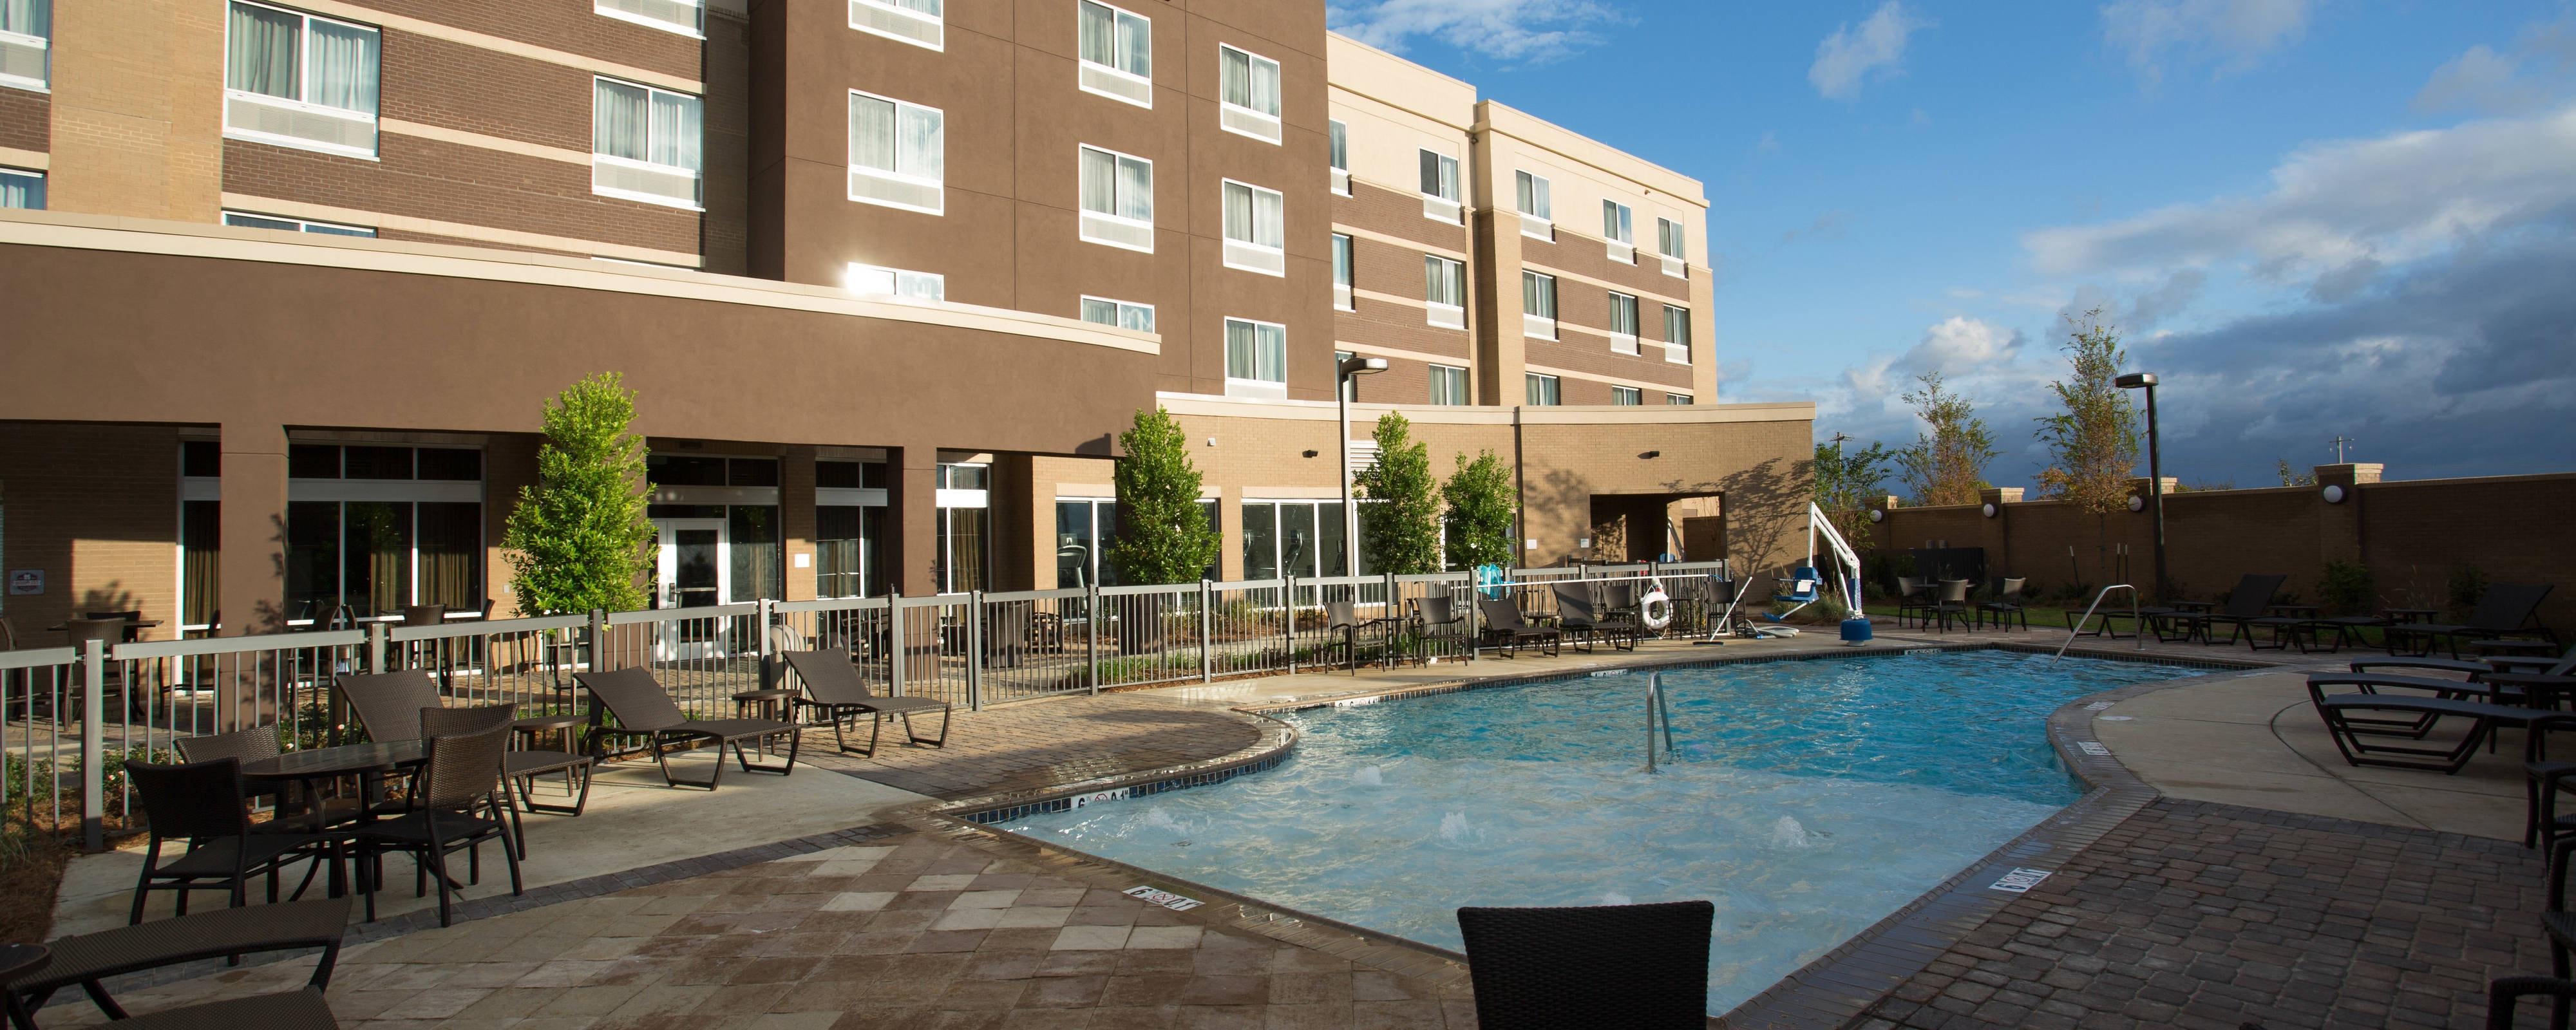 Courtyard Starkville MSU Pool